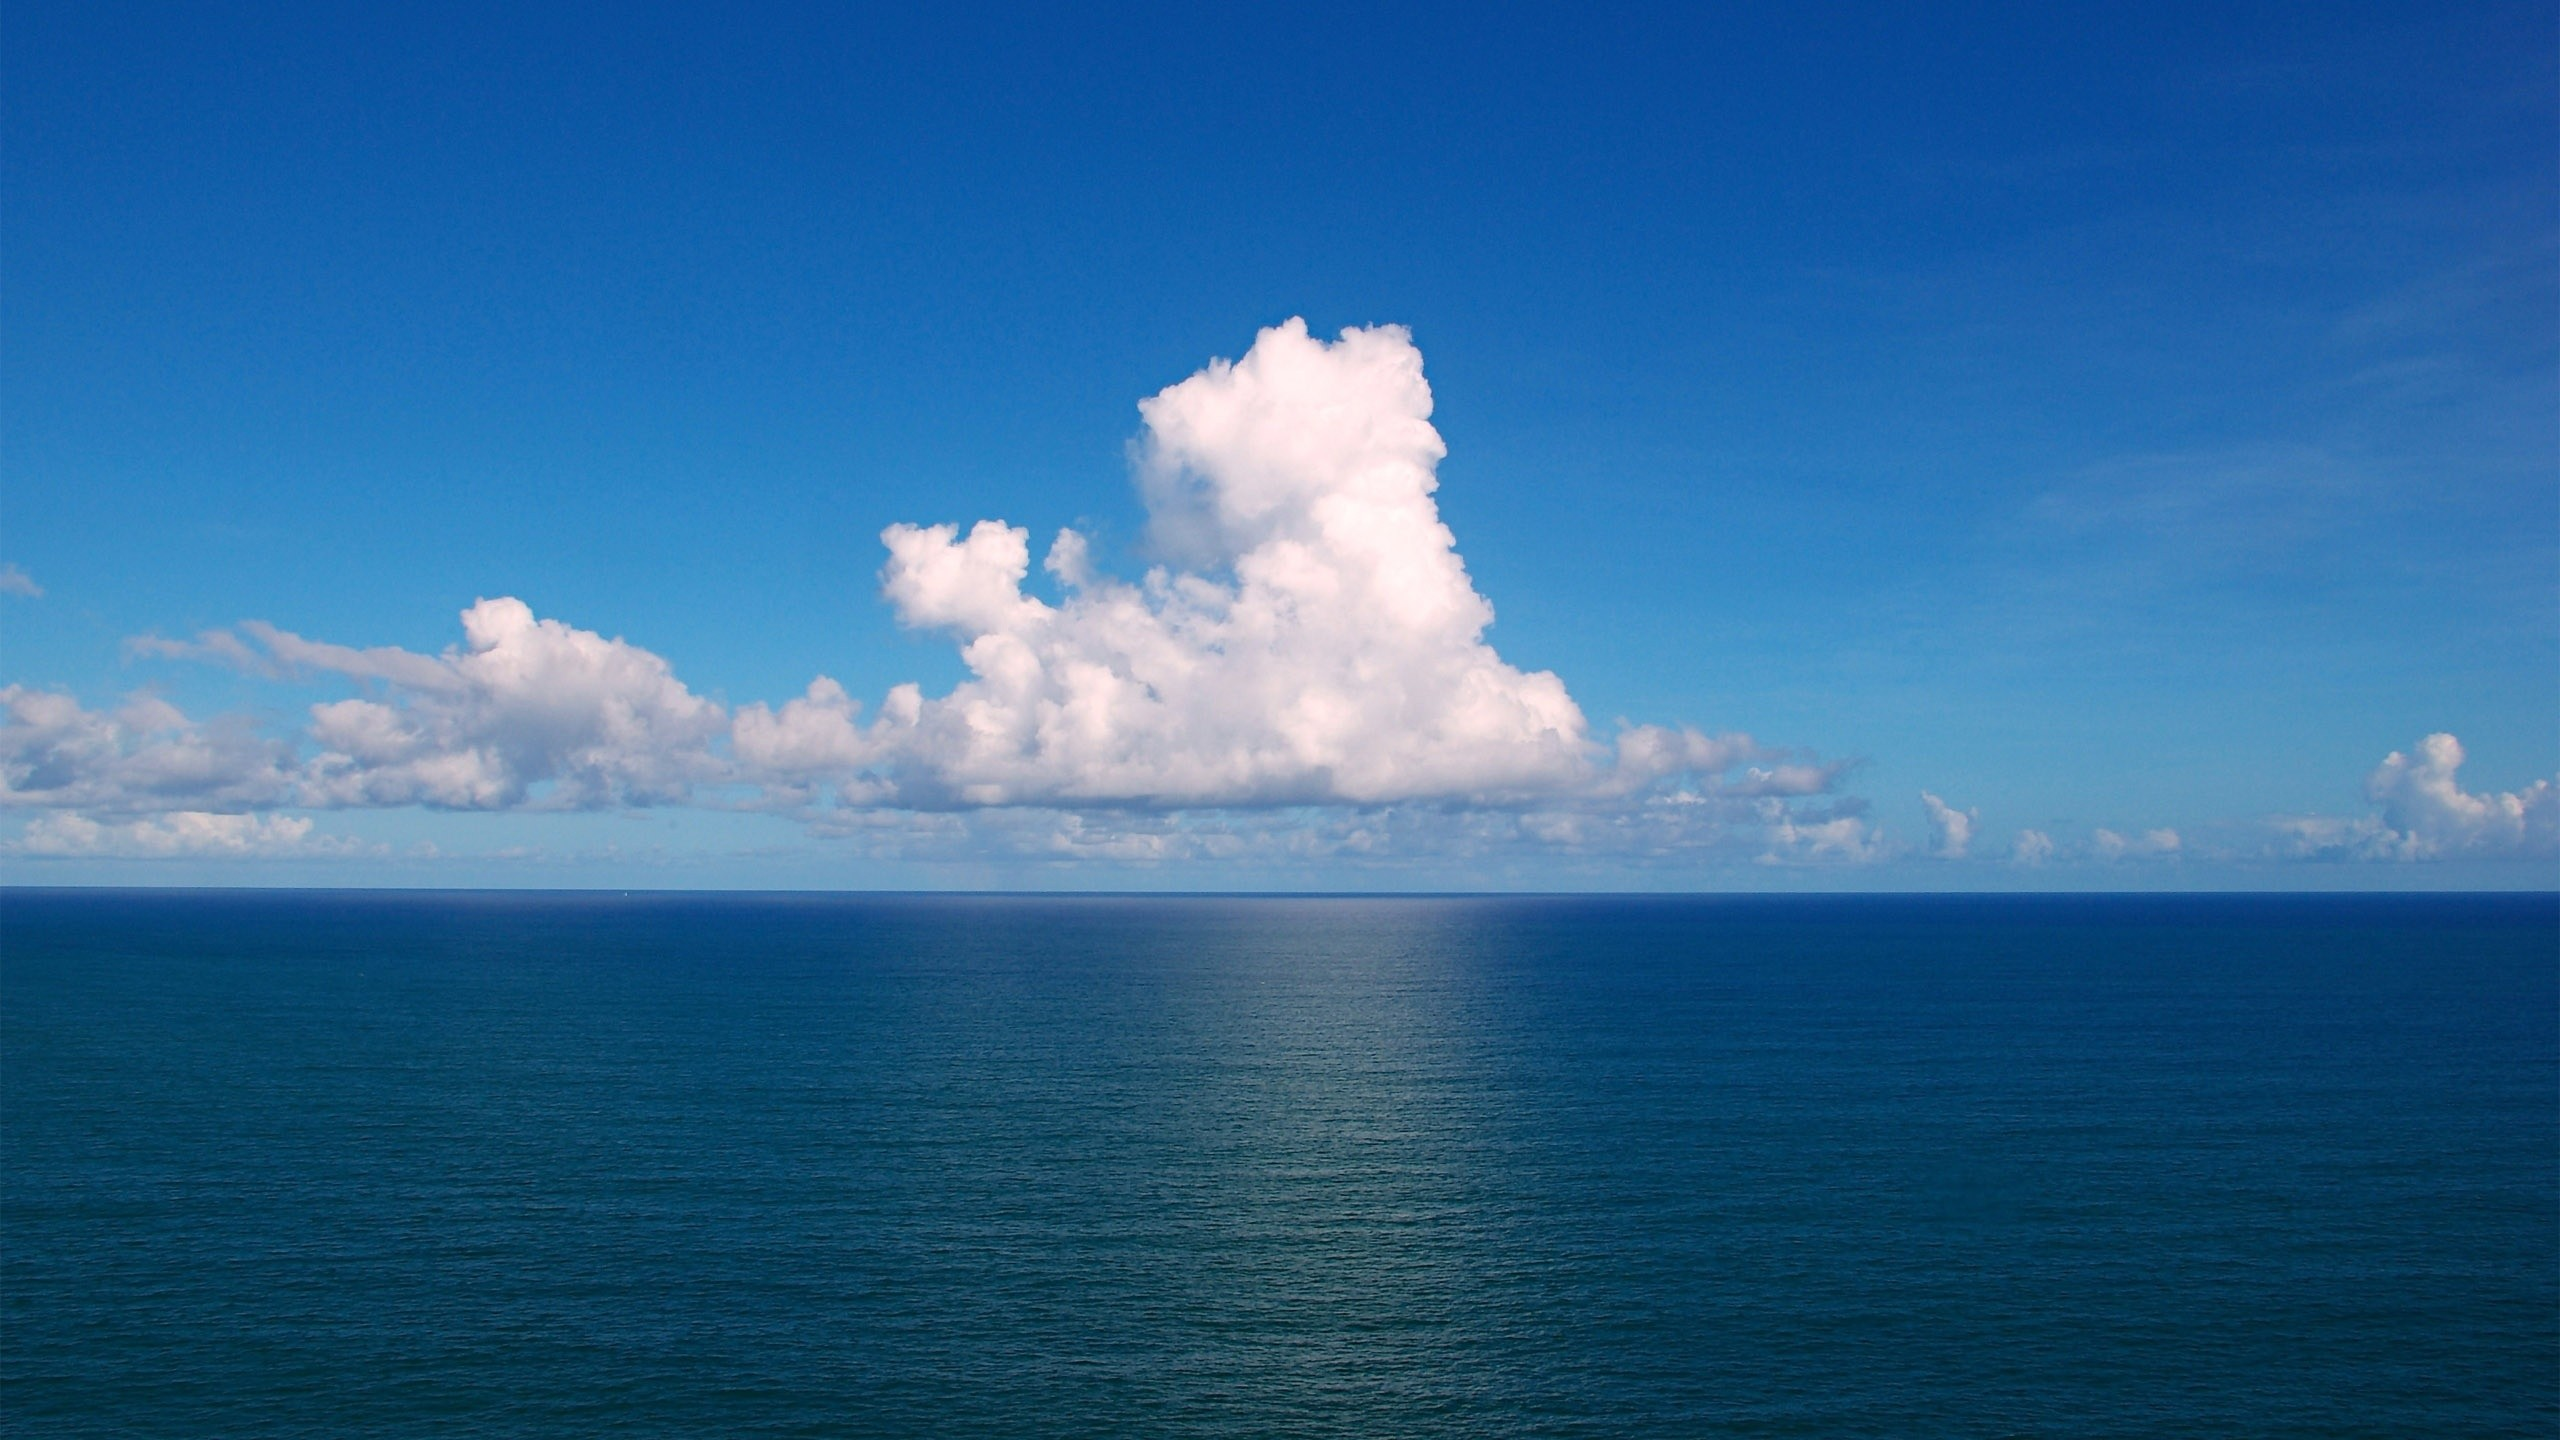 Ocean Wallpapers Hd Free Desktop Desktop Wallpapers Windows 10desktop Background Hd 2560x1440 Wallpaper Teahub Io